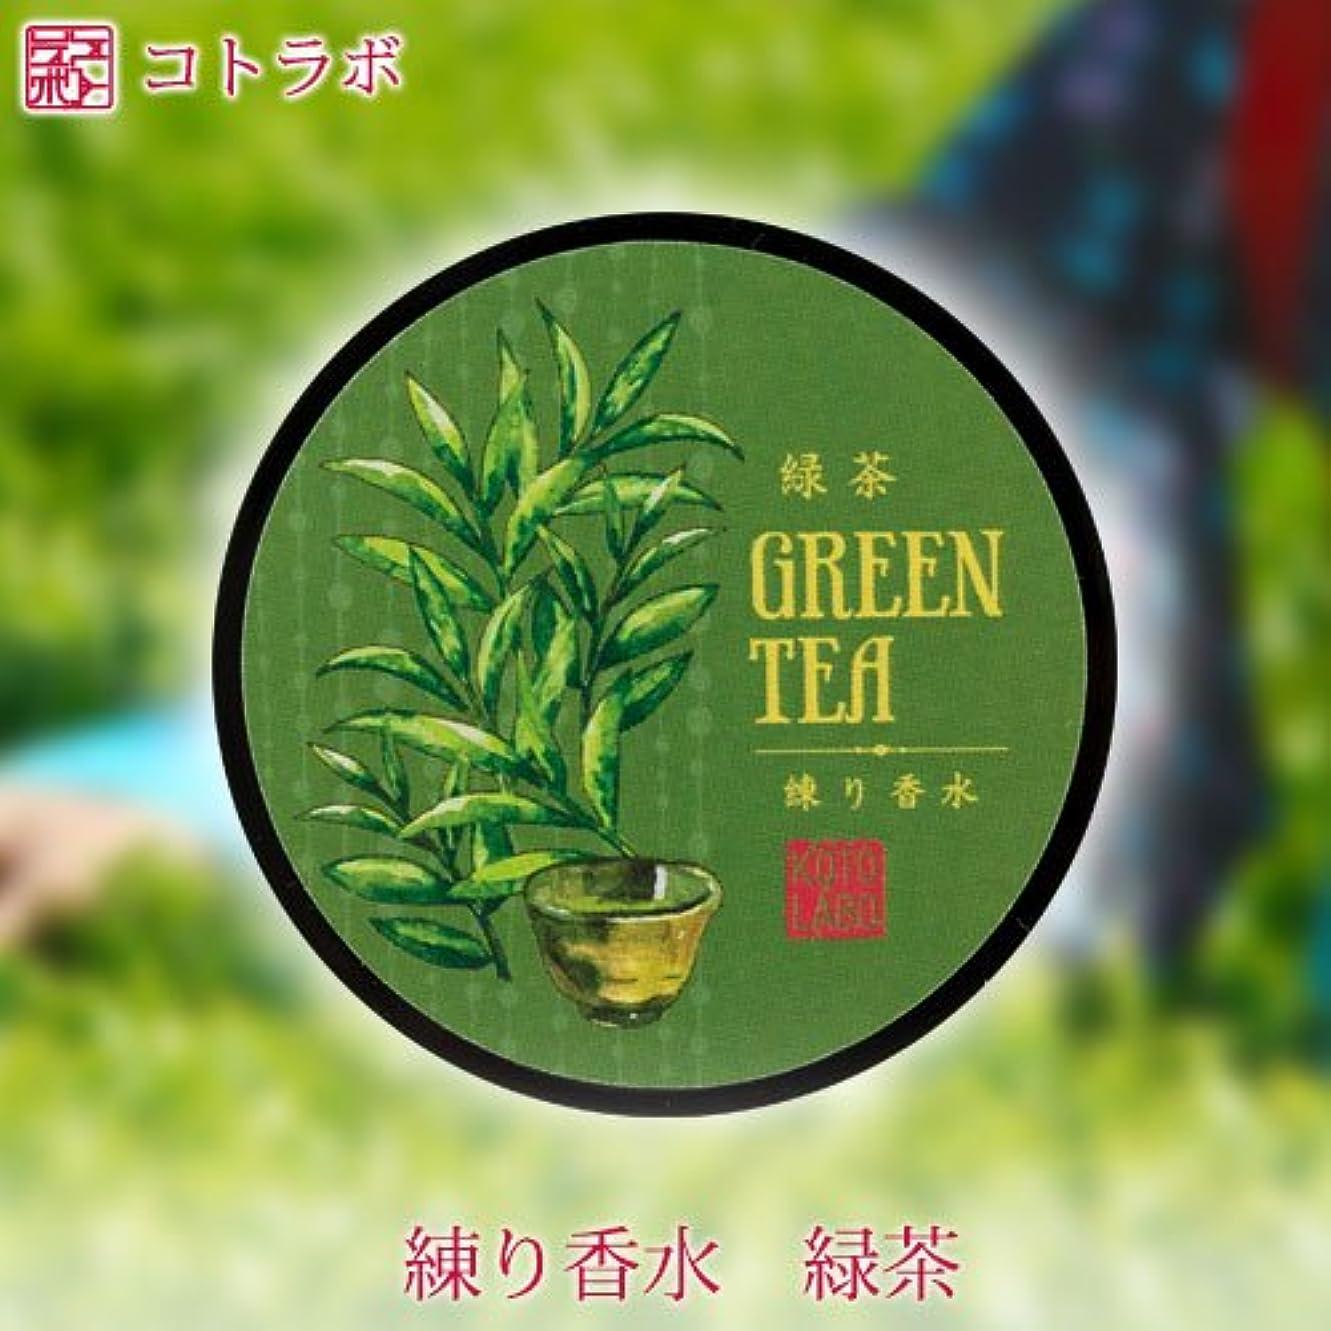 受け継ぐ感嘆叙情的なコトラボ練り香水京都謹製緑茶グリーンティーフローラルの香りソリッドパフュームKotolabo solid perfume, Green tea